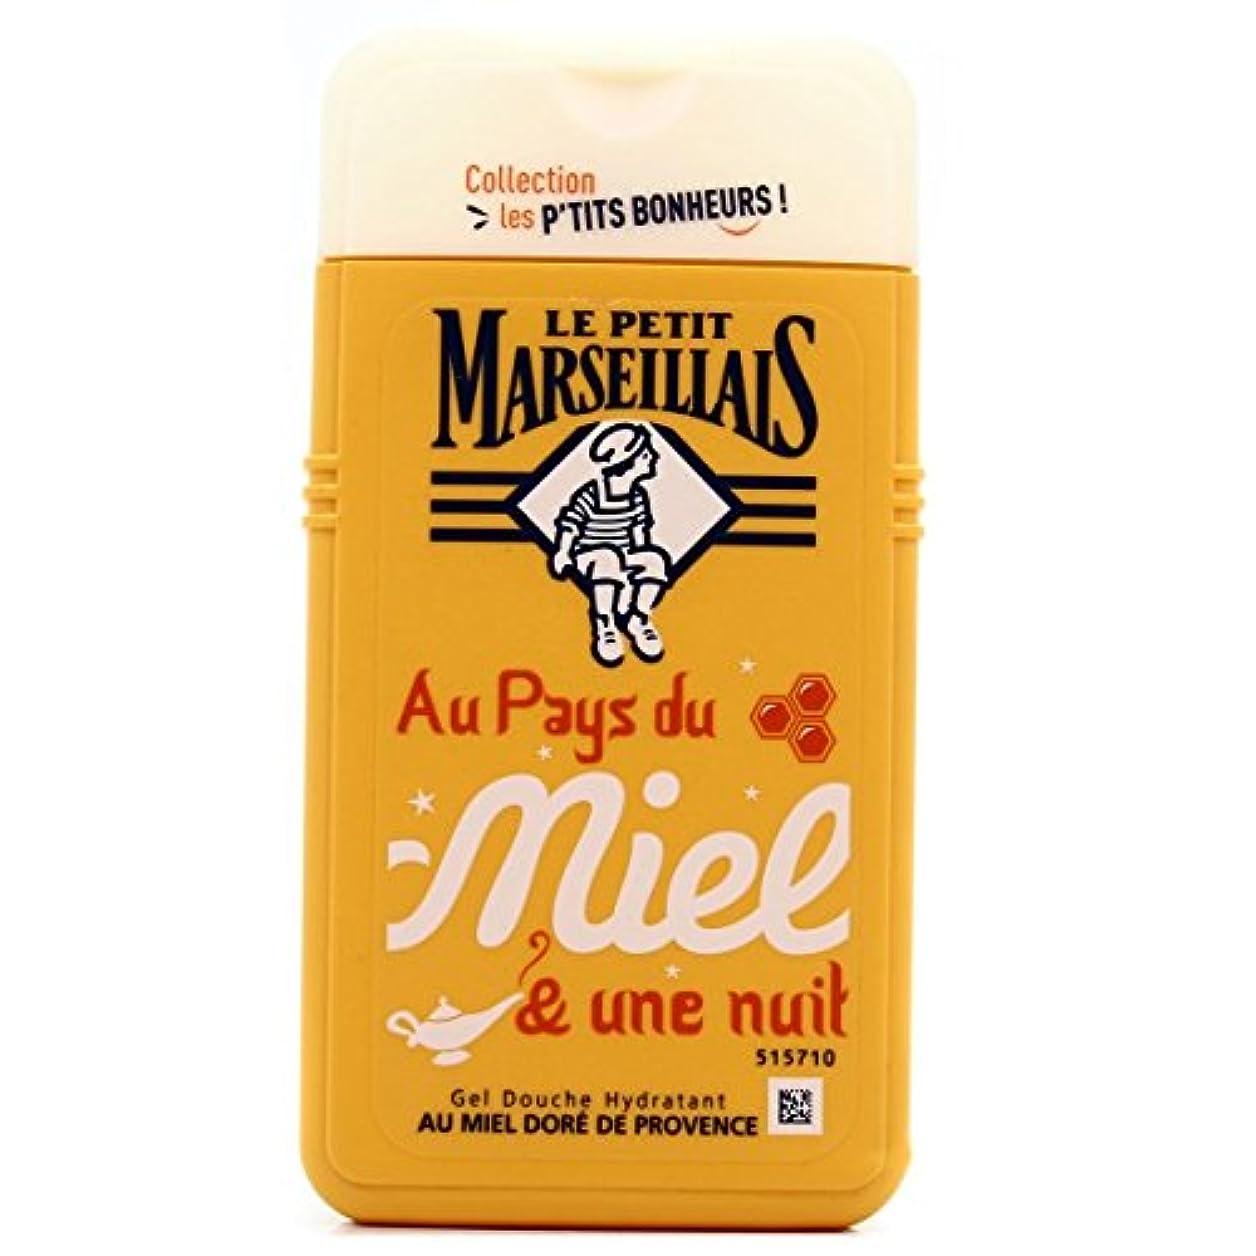 内なる激しいブラスト「はちみつ」シャワージェル ???? フランスの「ル?プティ?マルセイユ (Le Petit Marseillais)」 les P'TITS BONHEURS 250ml ボディウォッシュ